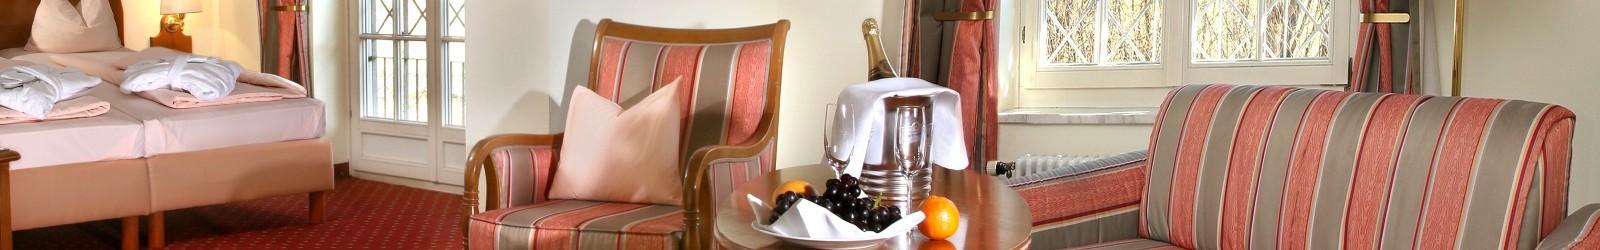 Zimmer im Messehotel Bayerischer Hof Miesbach****